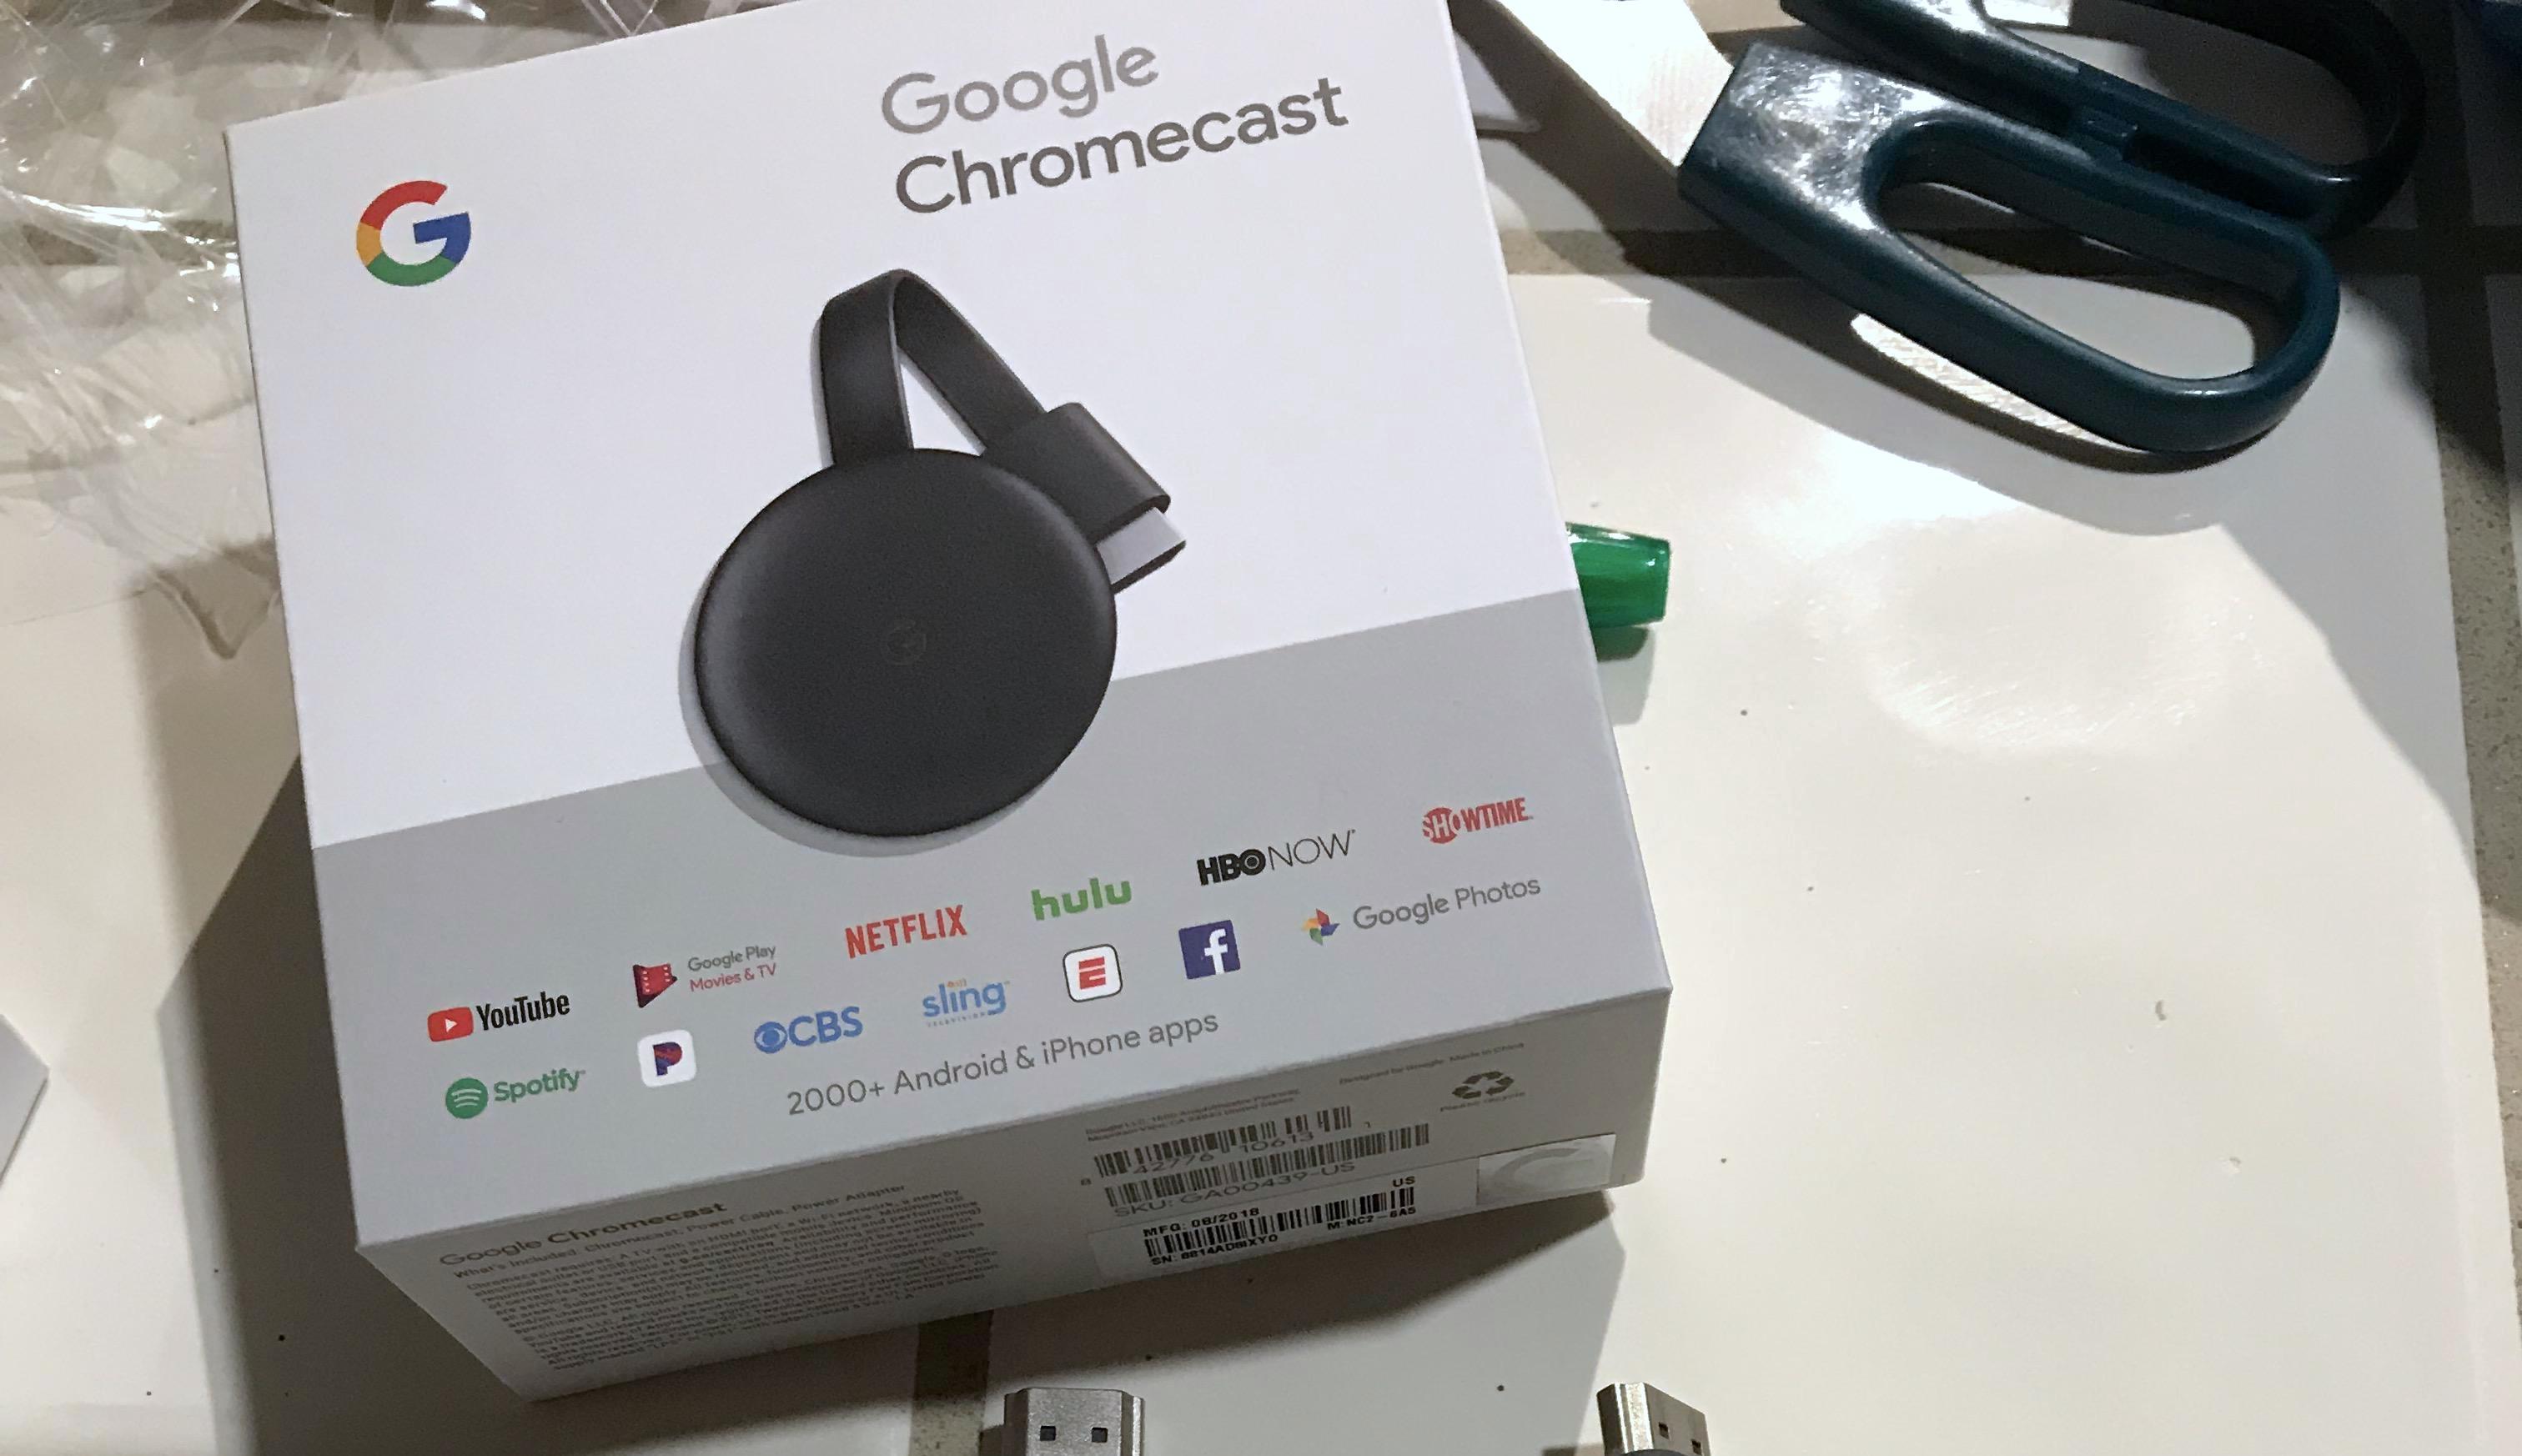 未発表の新型Chromecast、米量販店で誤って販売されてしまう